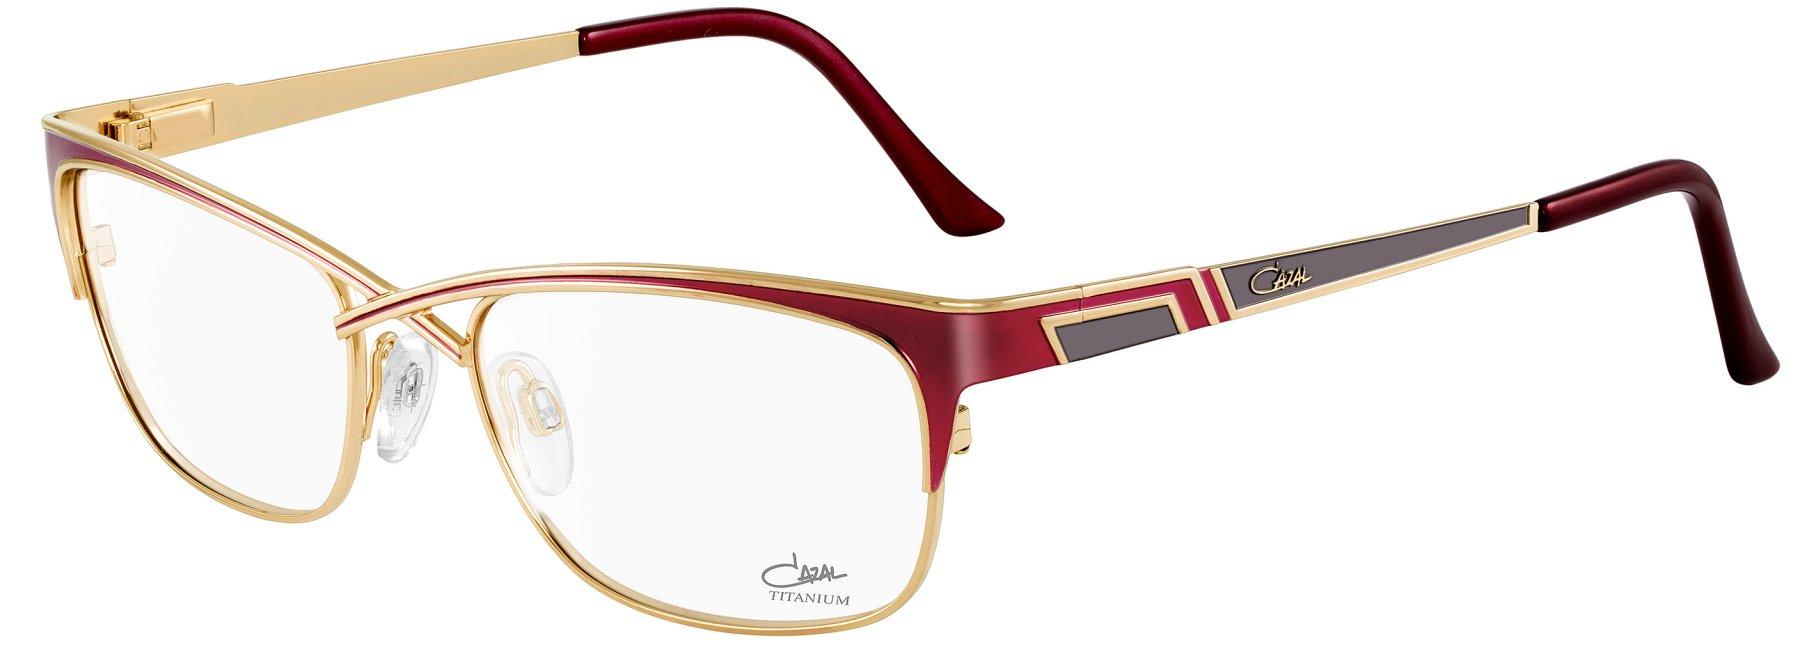 e94249d746 Cazal 4214 Eyeglass Frames